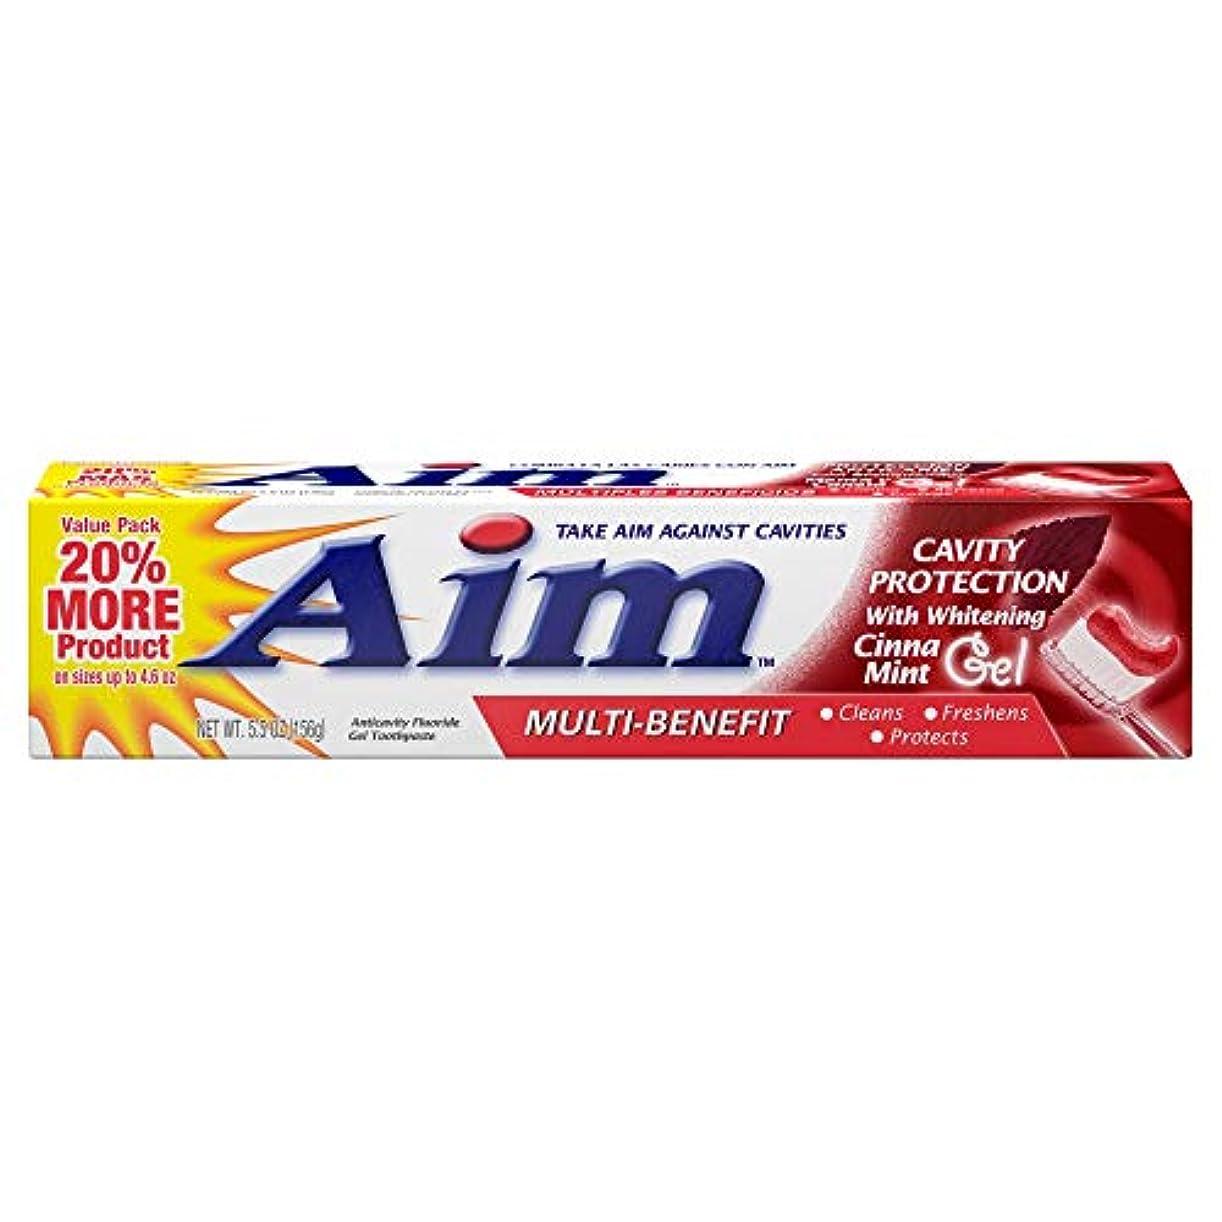 モネロースト衰えるAIM キャビティ保護アンチキャビティの歯磨き粉、ミント、5.5オンスを目指します